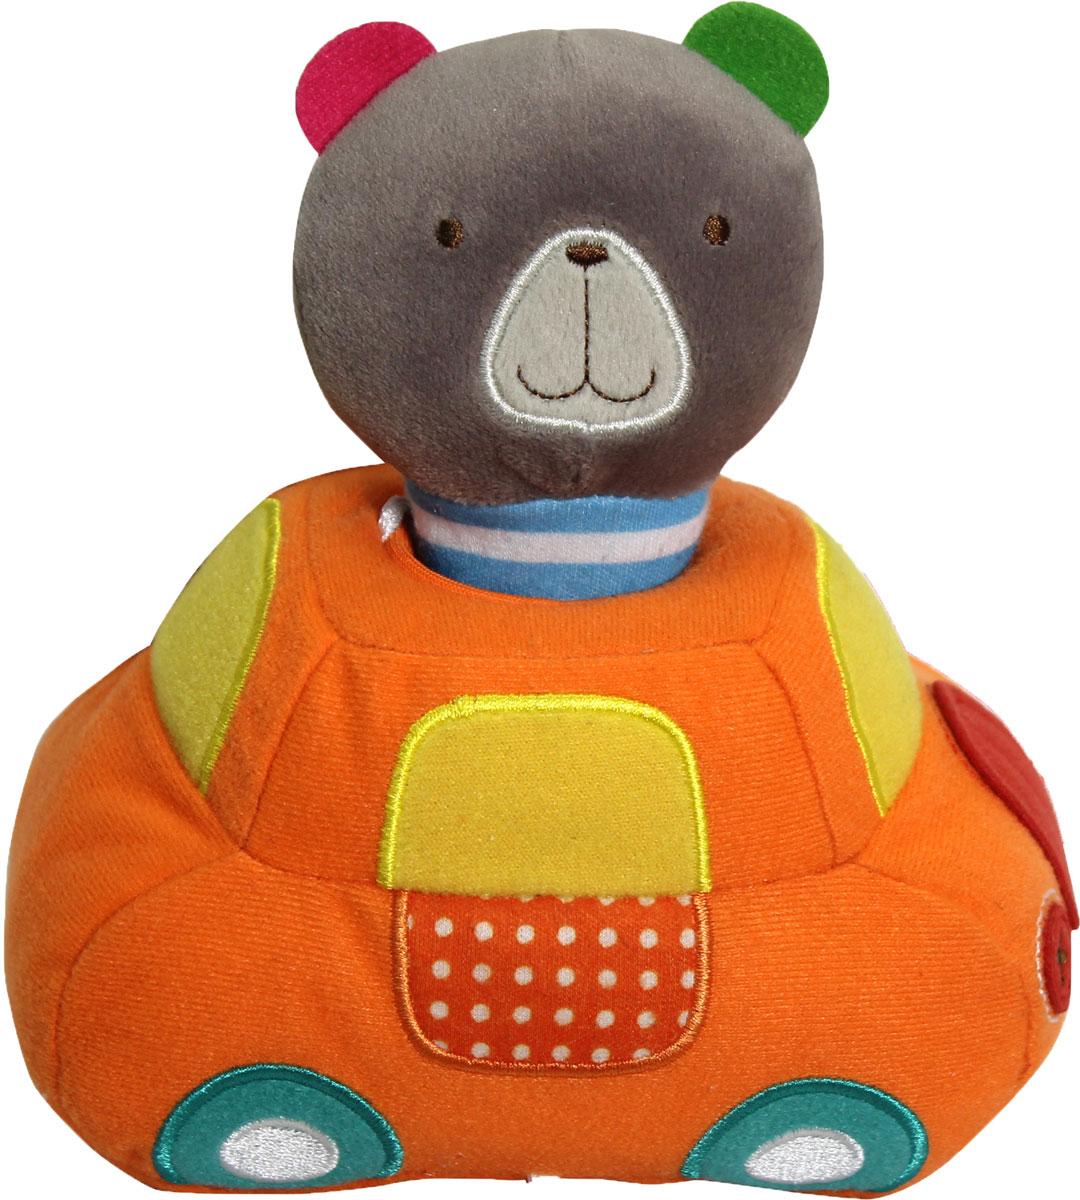 Bobby & Friends Мягкая развивающая игрушка Плюшевый транспорт цвет оранжевый серый мягкие игрушки bobby